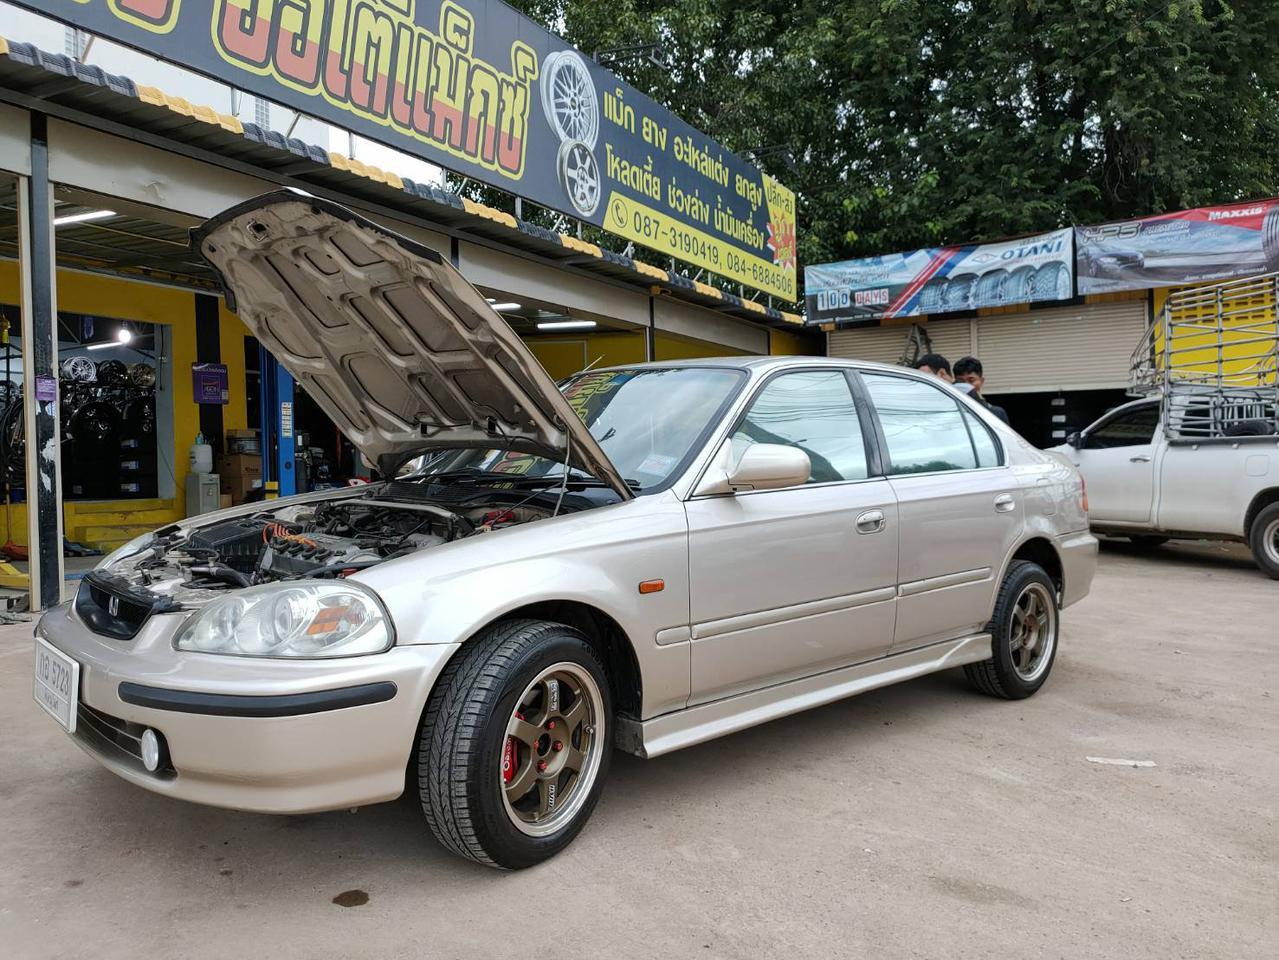 ขายรถเก๋ง Honda civic ตาโตปี 96  จ.พิษณุโลก รูปที่ 5